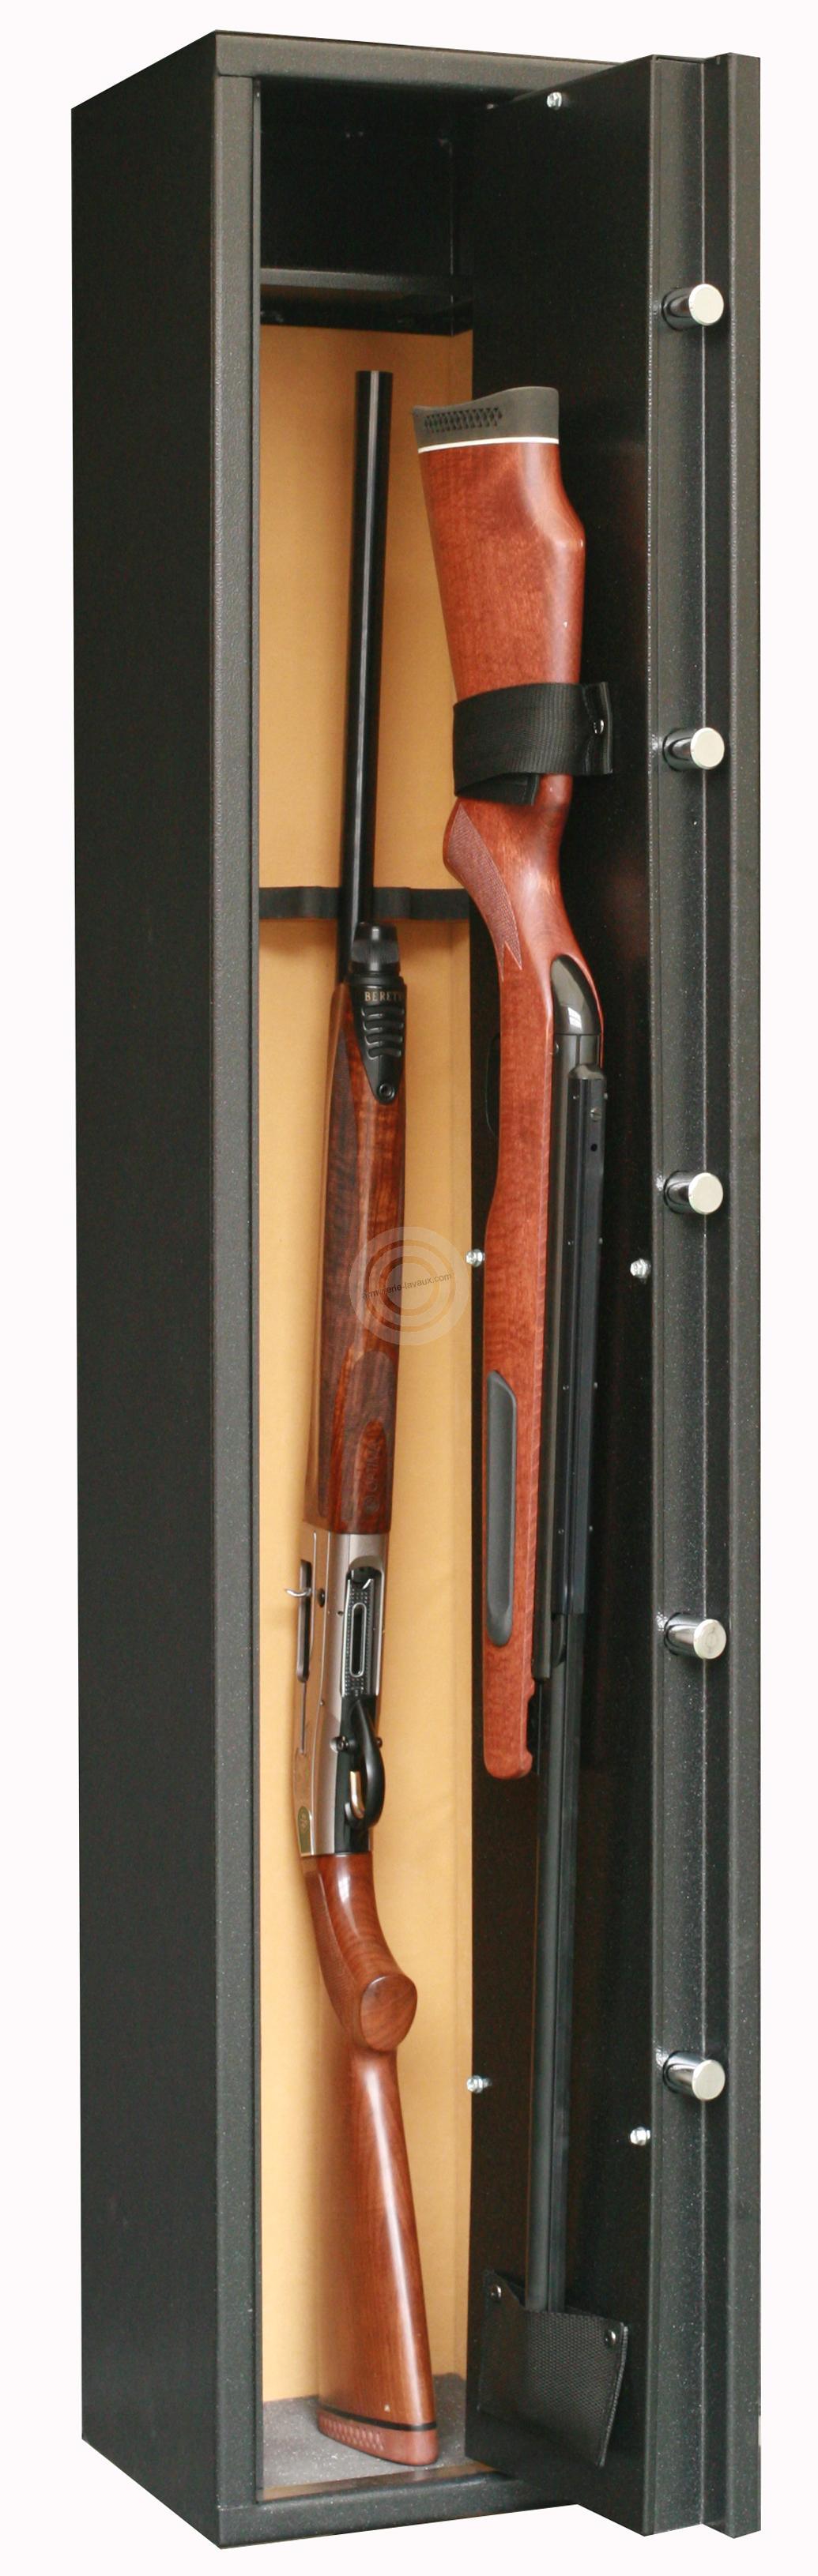 coffre infac sentinel 4 1 armes 38 kg coffres forts armes sur armurerie lavaux. Black Bedroom Furniture Sets. Home Design Ideas